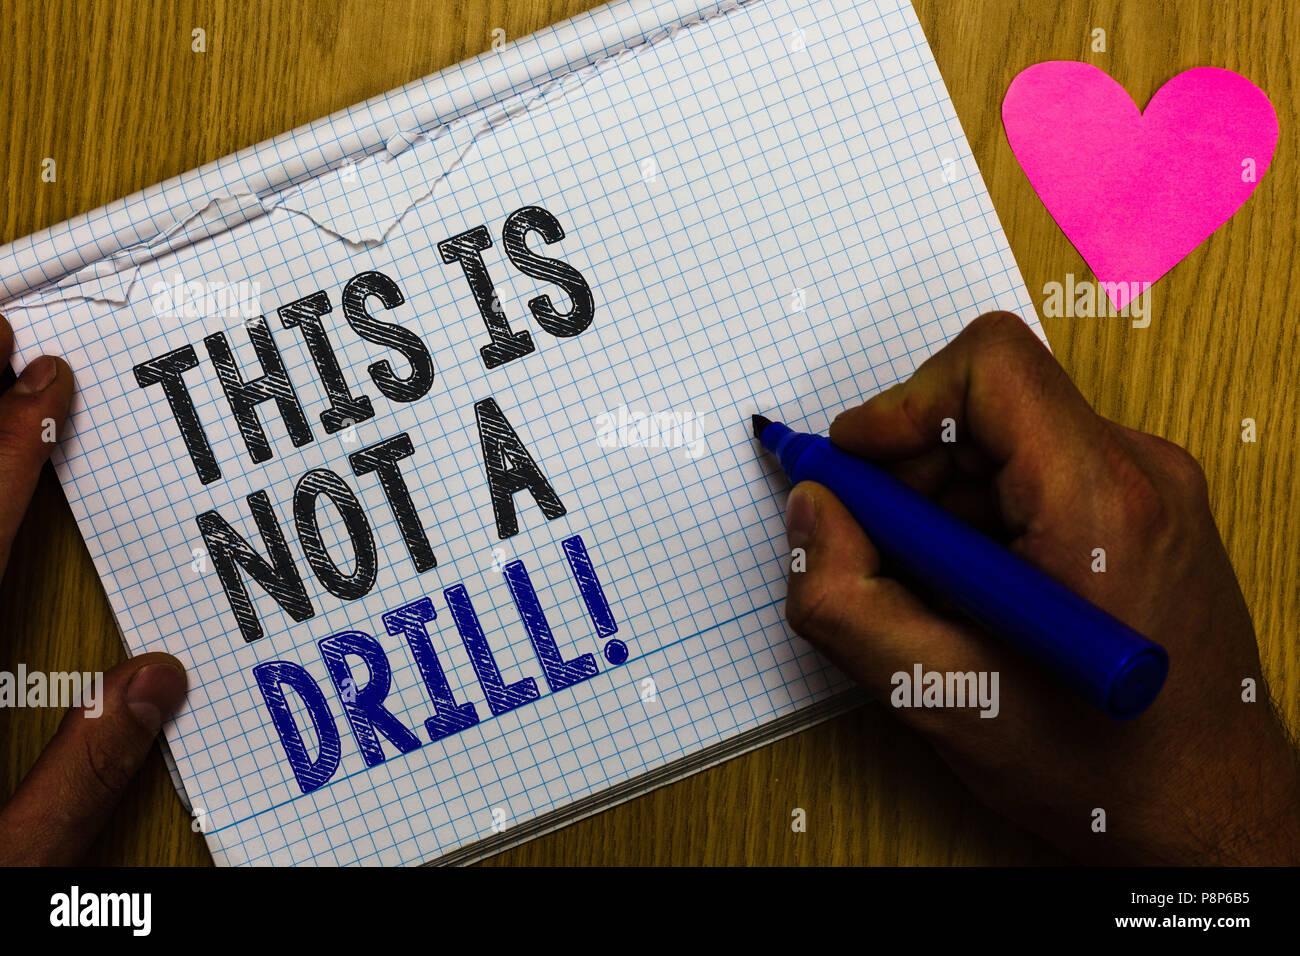 Handschrift text Dies ist keine Übung. Konzept Bedeutung Praxis ...